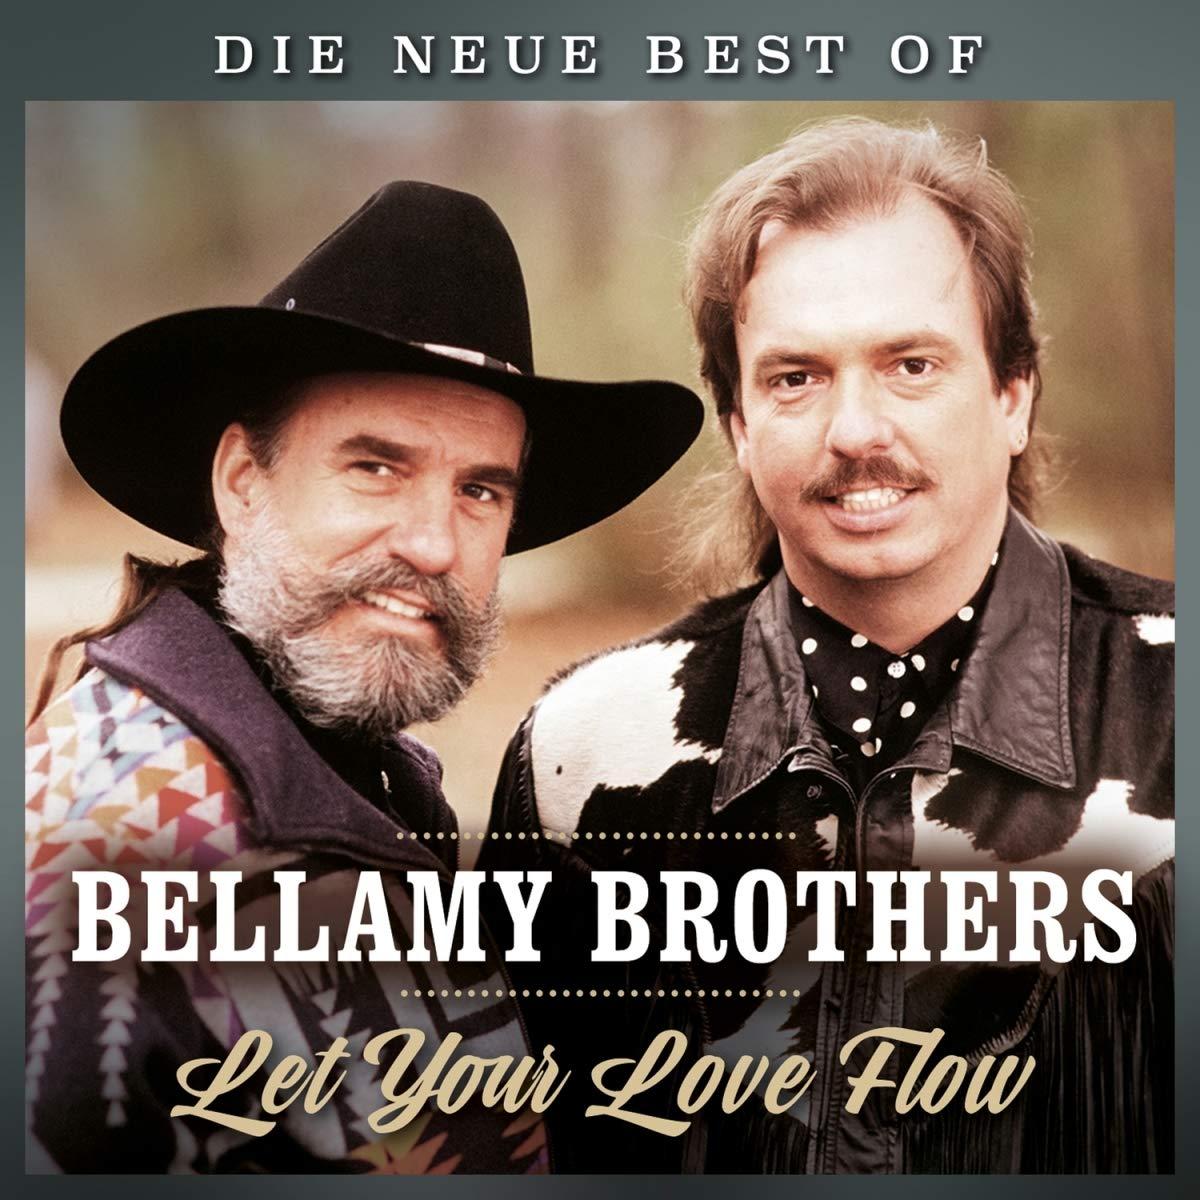 Bellamy Brothers Let Your Love Flow Die Neue Best Of